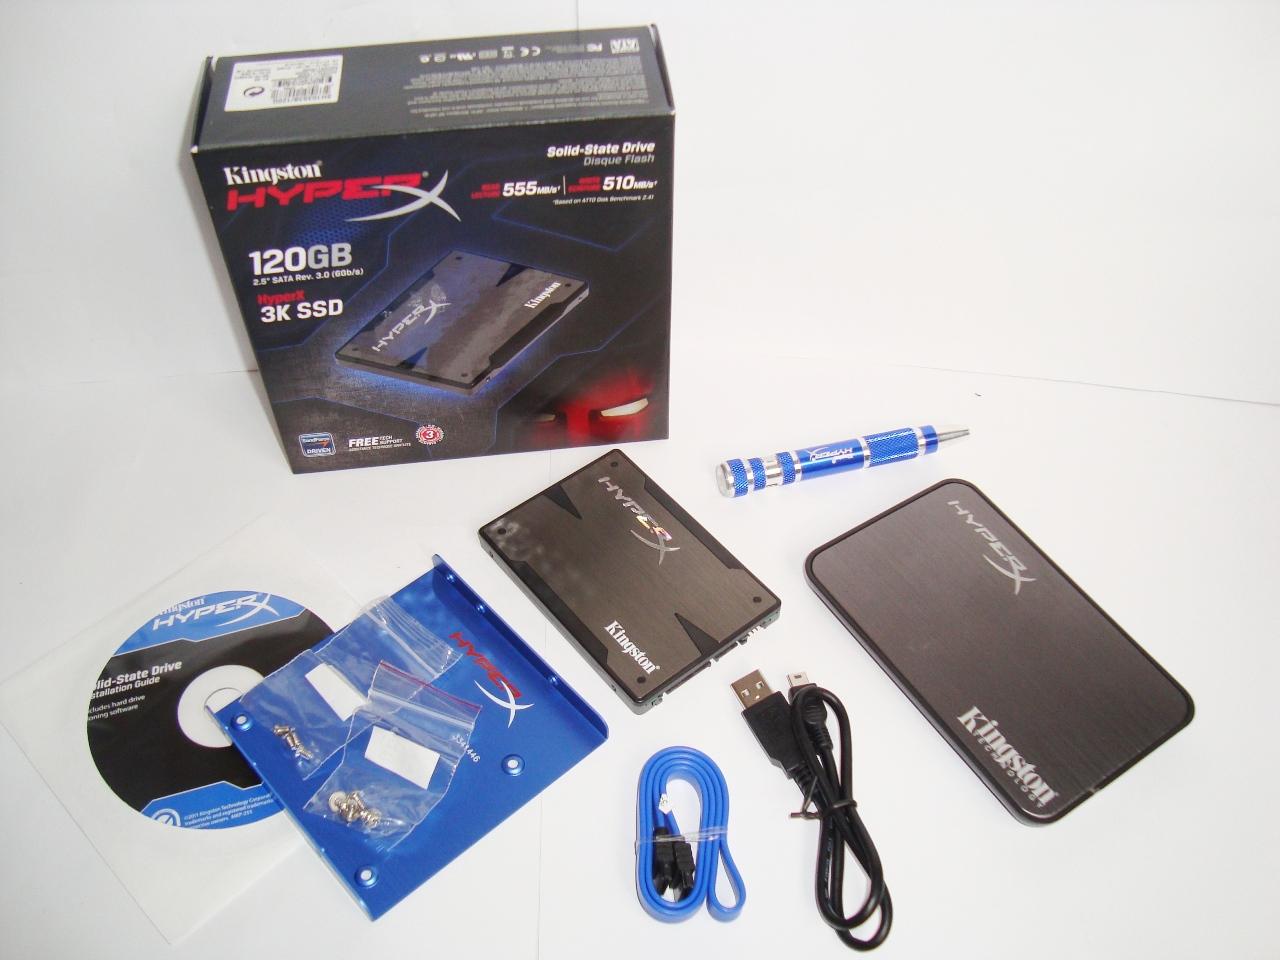 Kingston HyperX 3K SSD 120GB SATA III zawartość